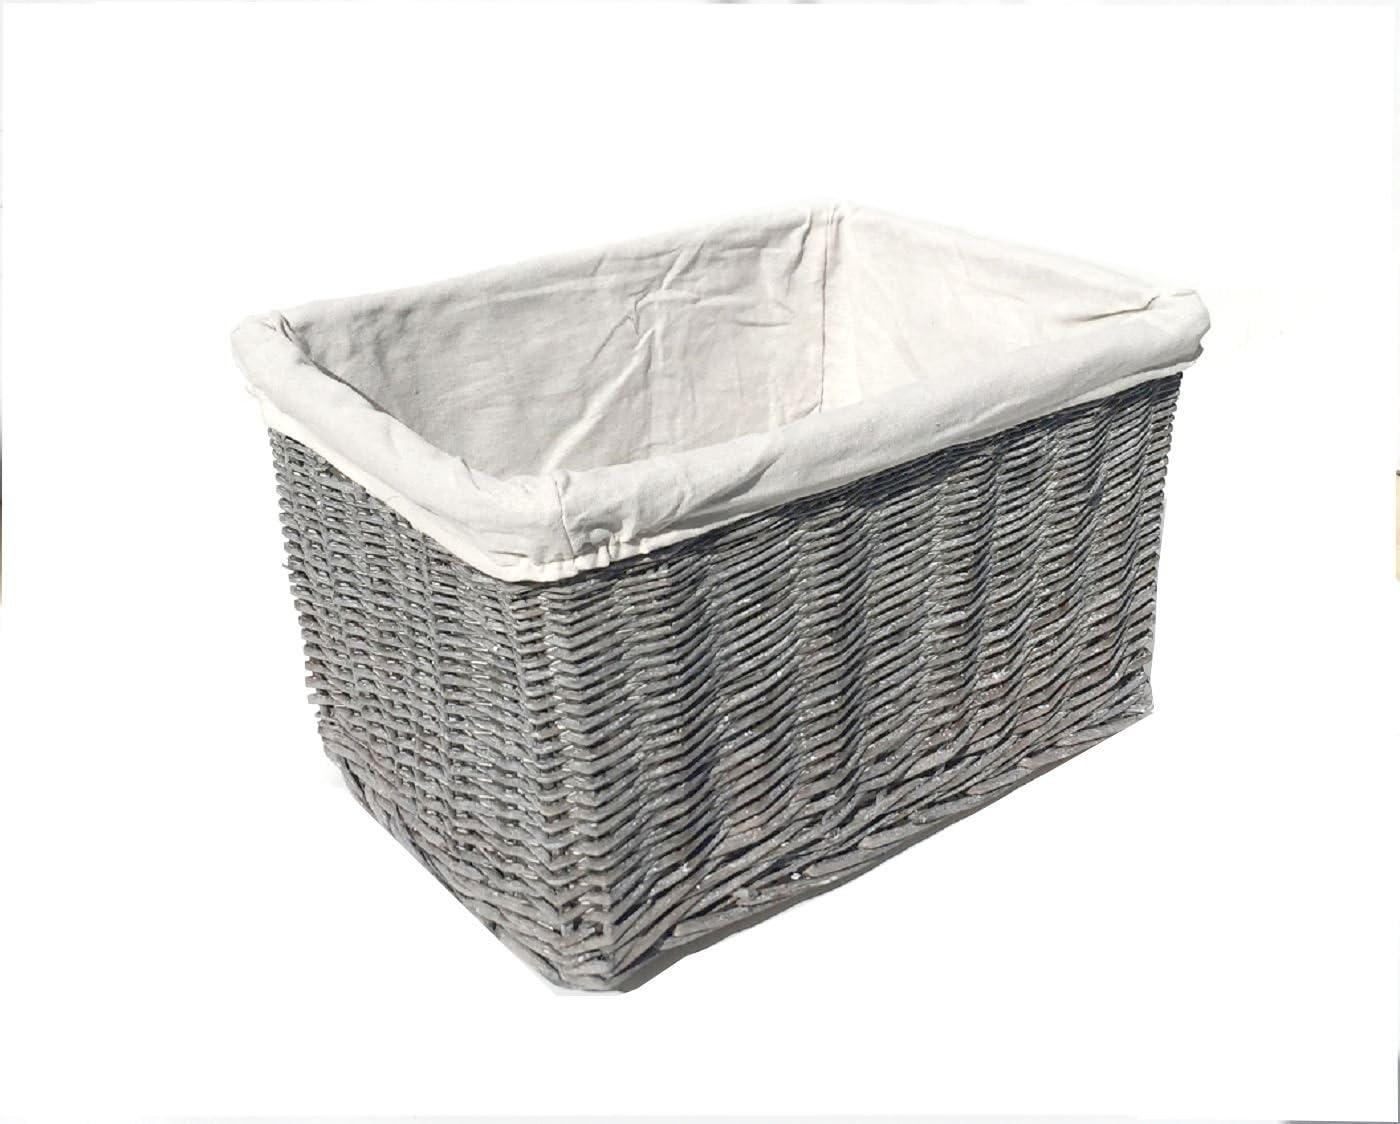 topfurnishing Huge Large Big Deep Wider Wicker Storage Kitchen Toy Log Hamper Laundry Basket Brown, Set of 2 Large